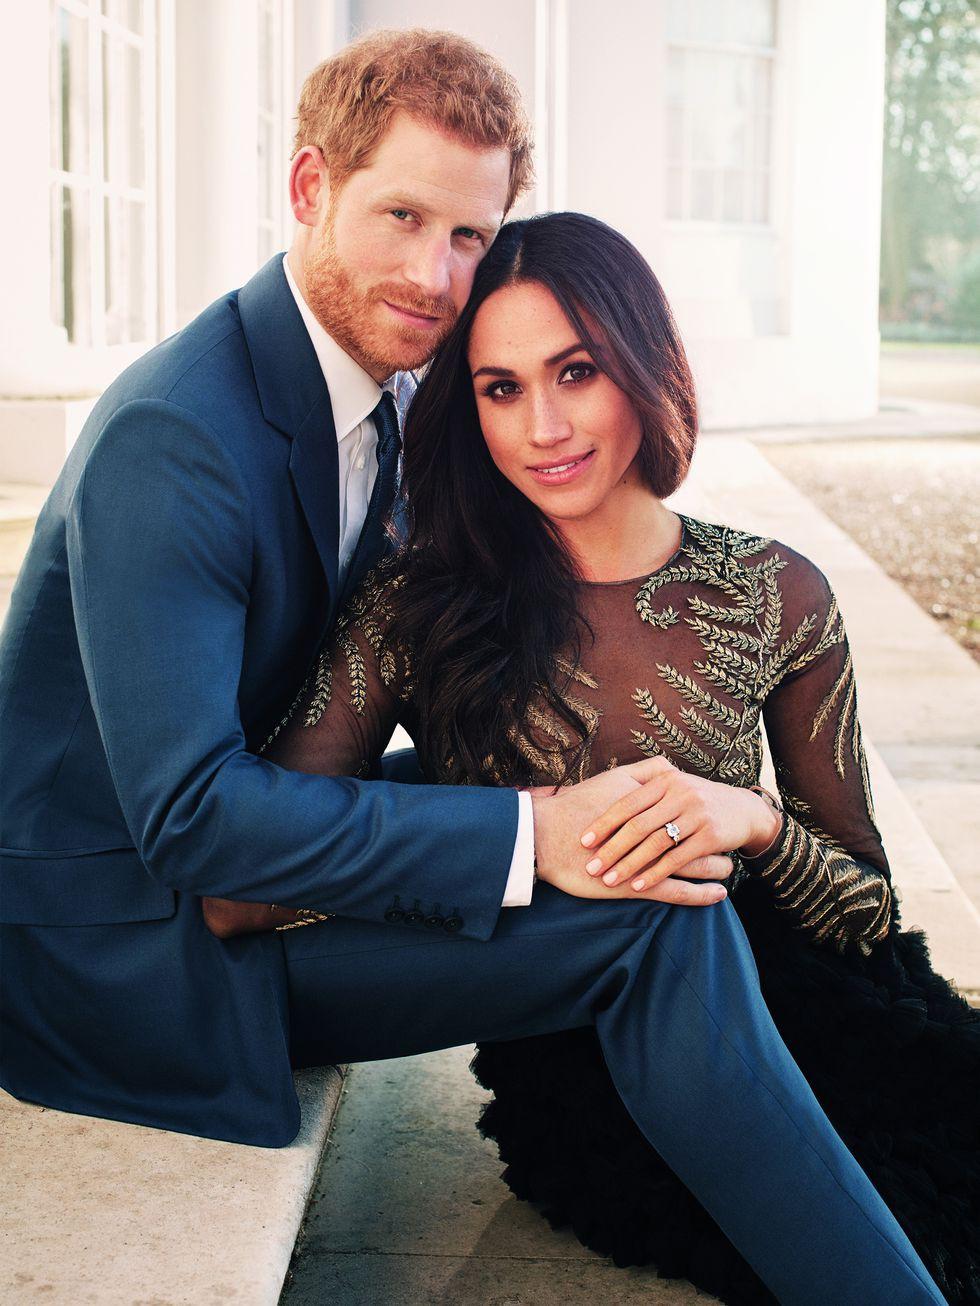 Xem 25 bức ảnh chân dung của Hoàng gia Anh, bạn sẽ hiểu thêm về 8 thế hệ của gia đình quyền lực này - Ảnh 23.